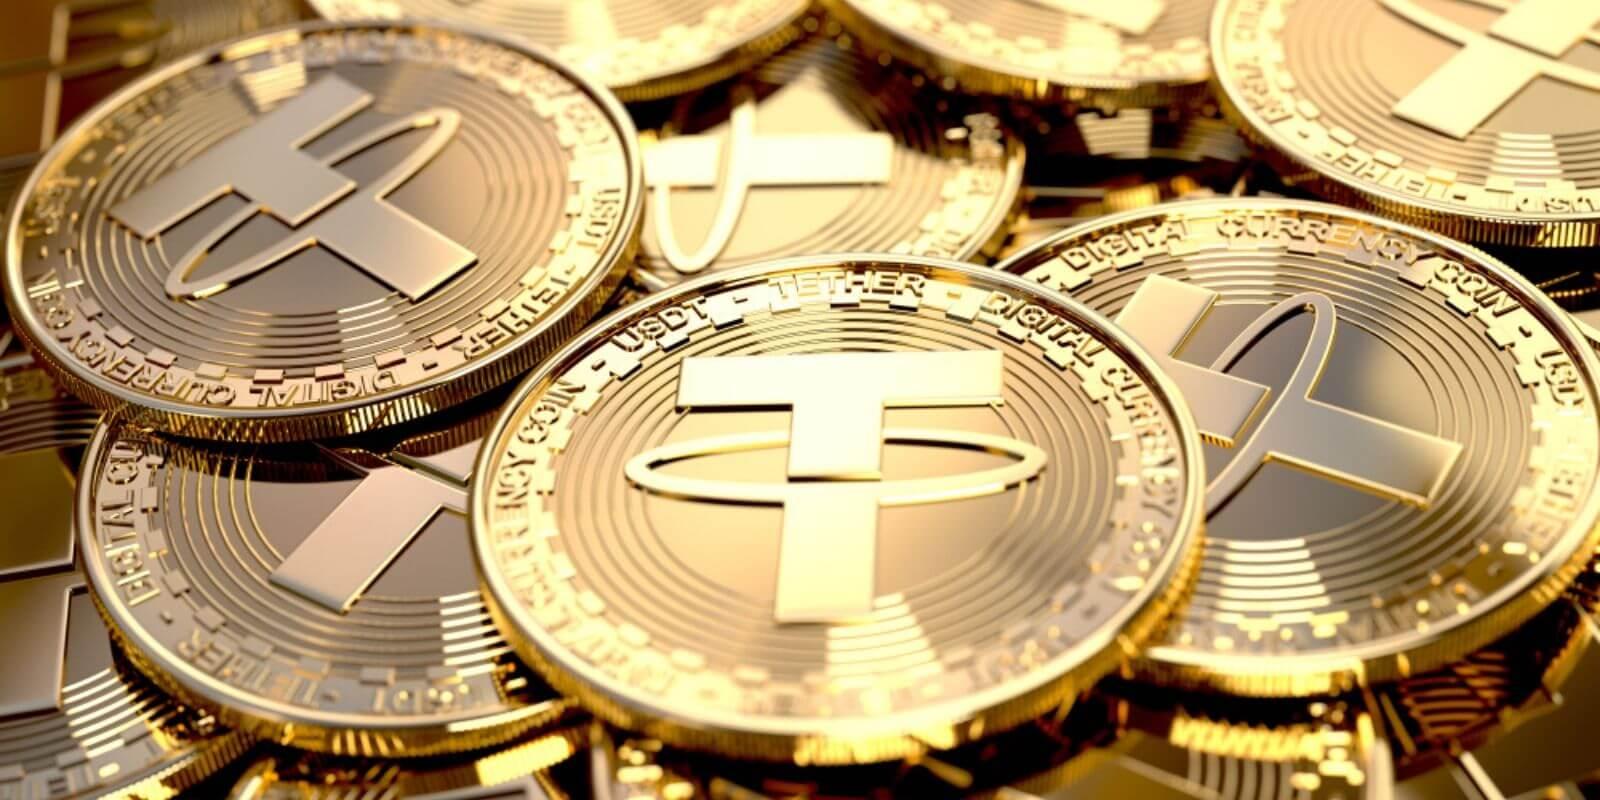 1 milliard de dollars de Tether (USDT) est maintenant stocké sur Binance